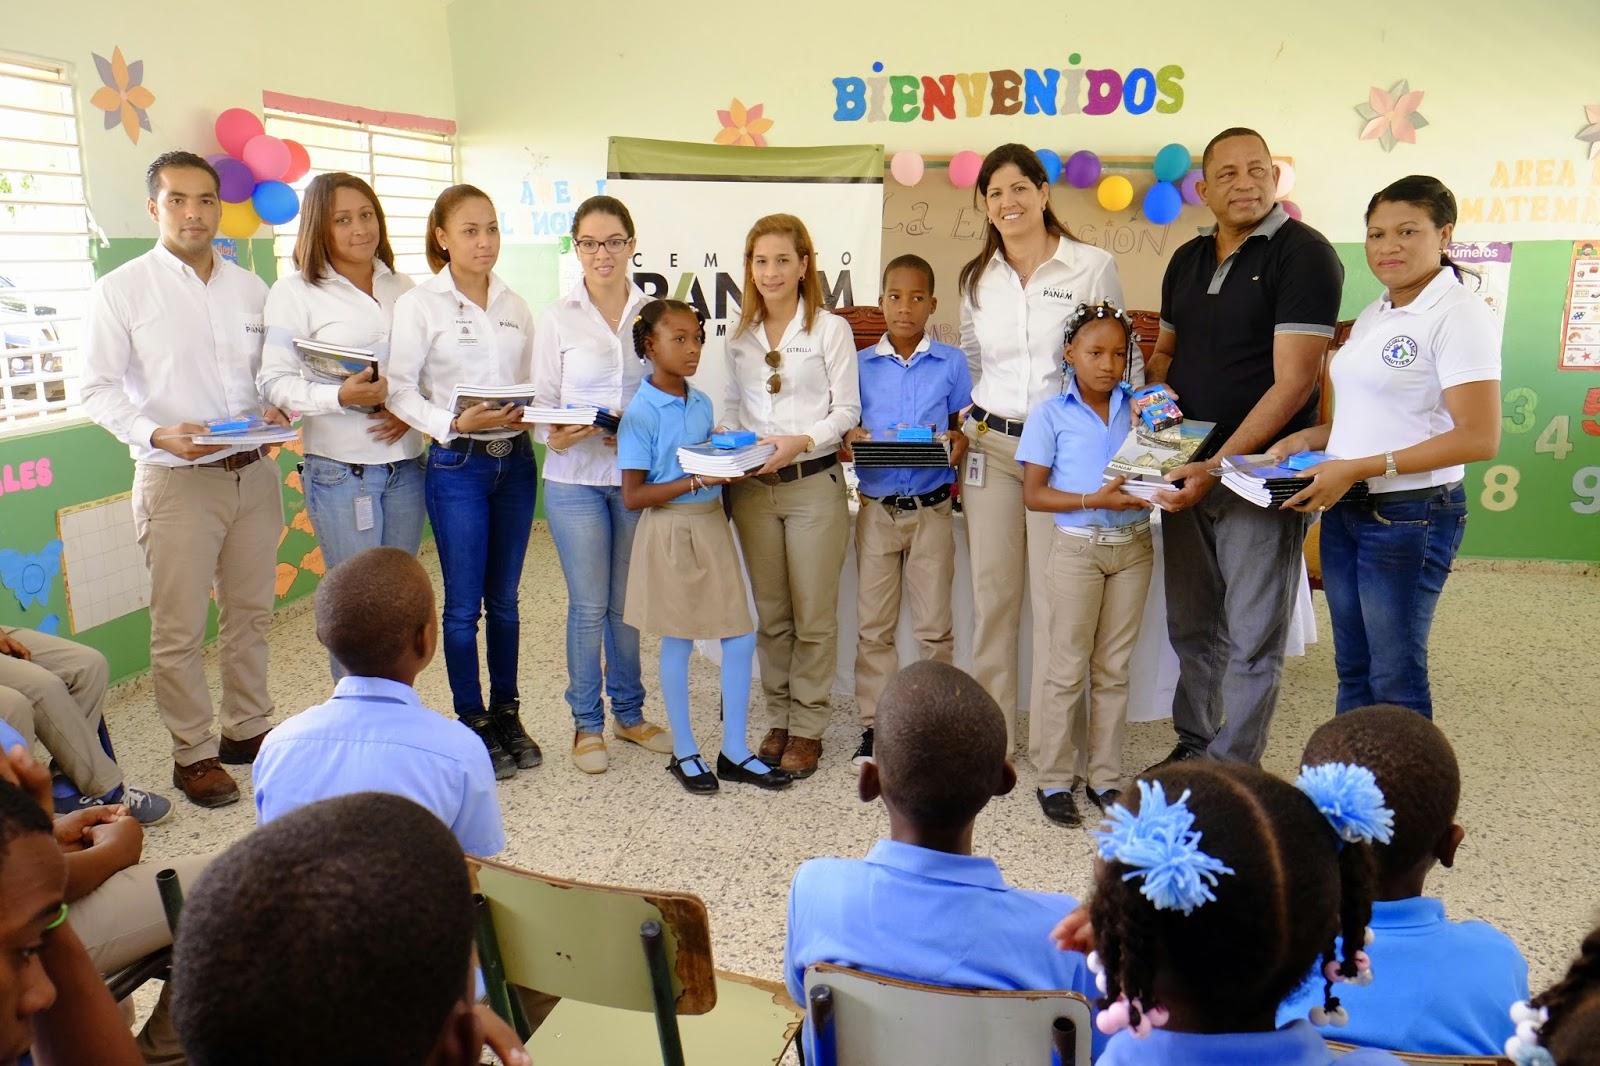 Fundación de Estrella  y Cemento PANAM entregan útiles escolares en comunidades de Los Llanos